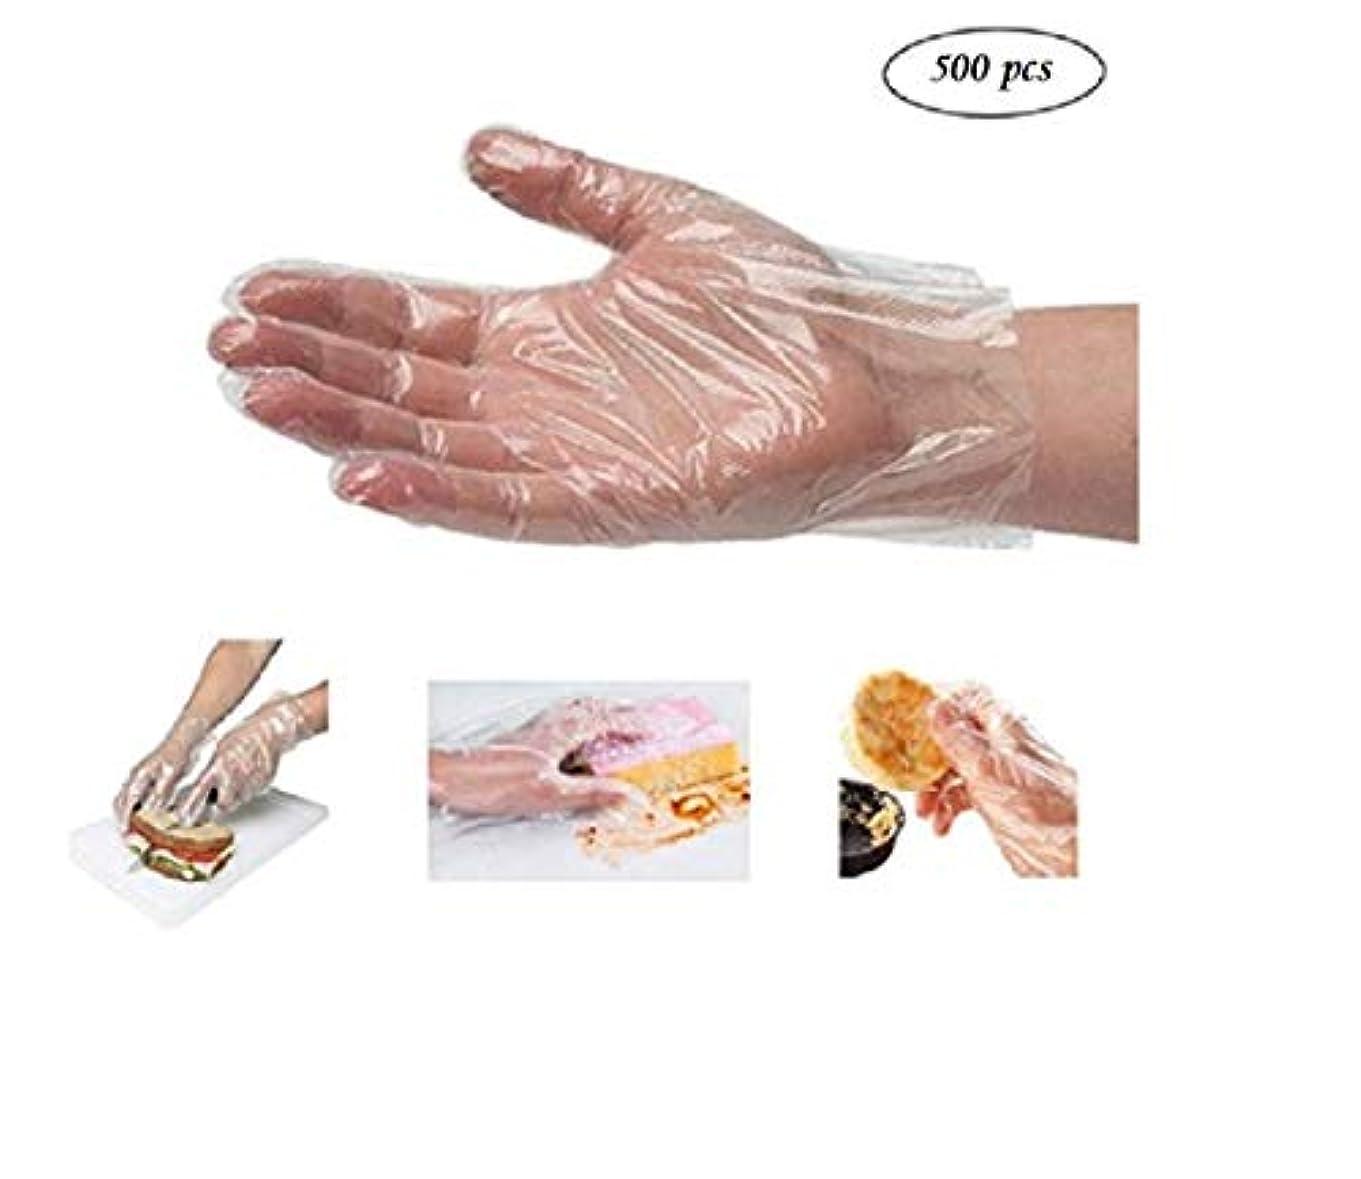 またね軸リスナー(5) - BYP Clear Disposable Plastic High Density Polyethylene Gloves Sterile Disposable Safety Gloves(500 Sheets...